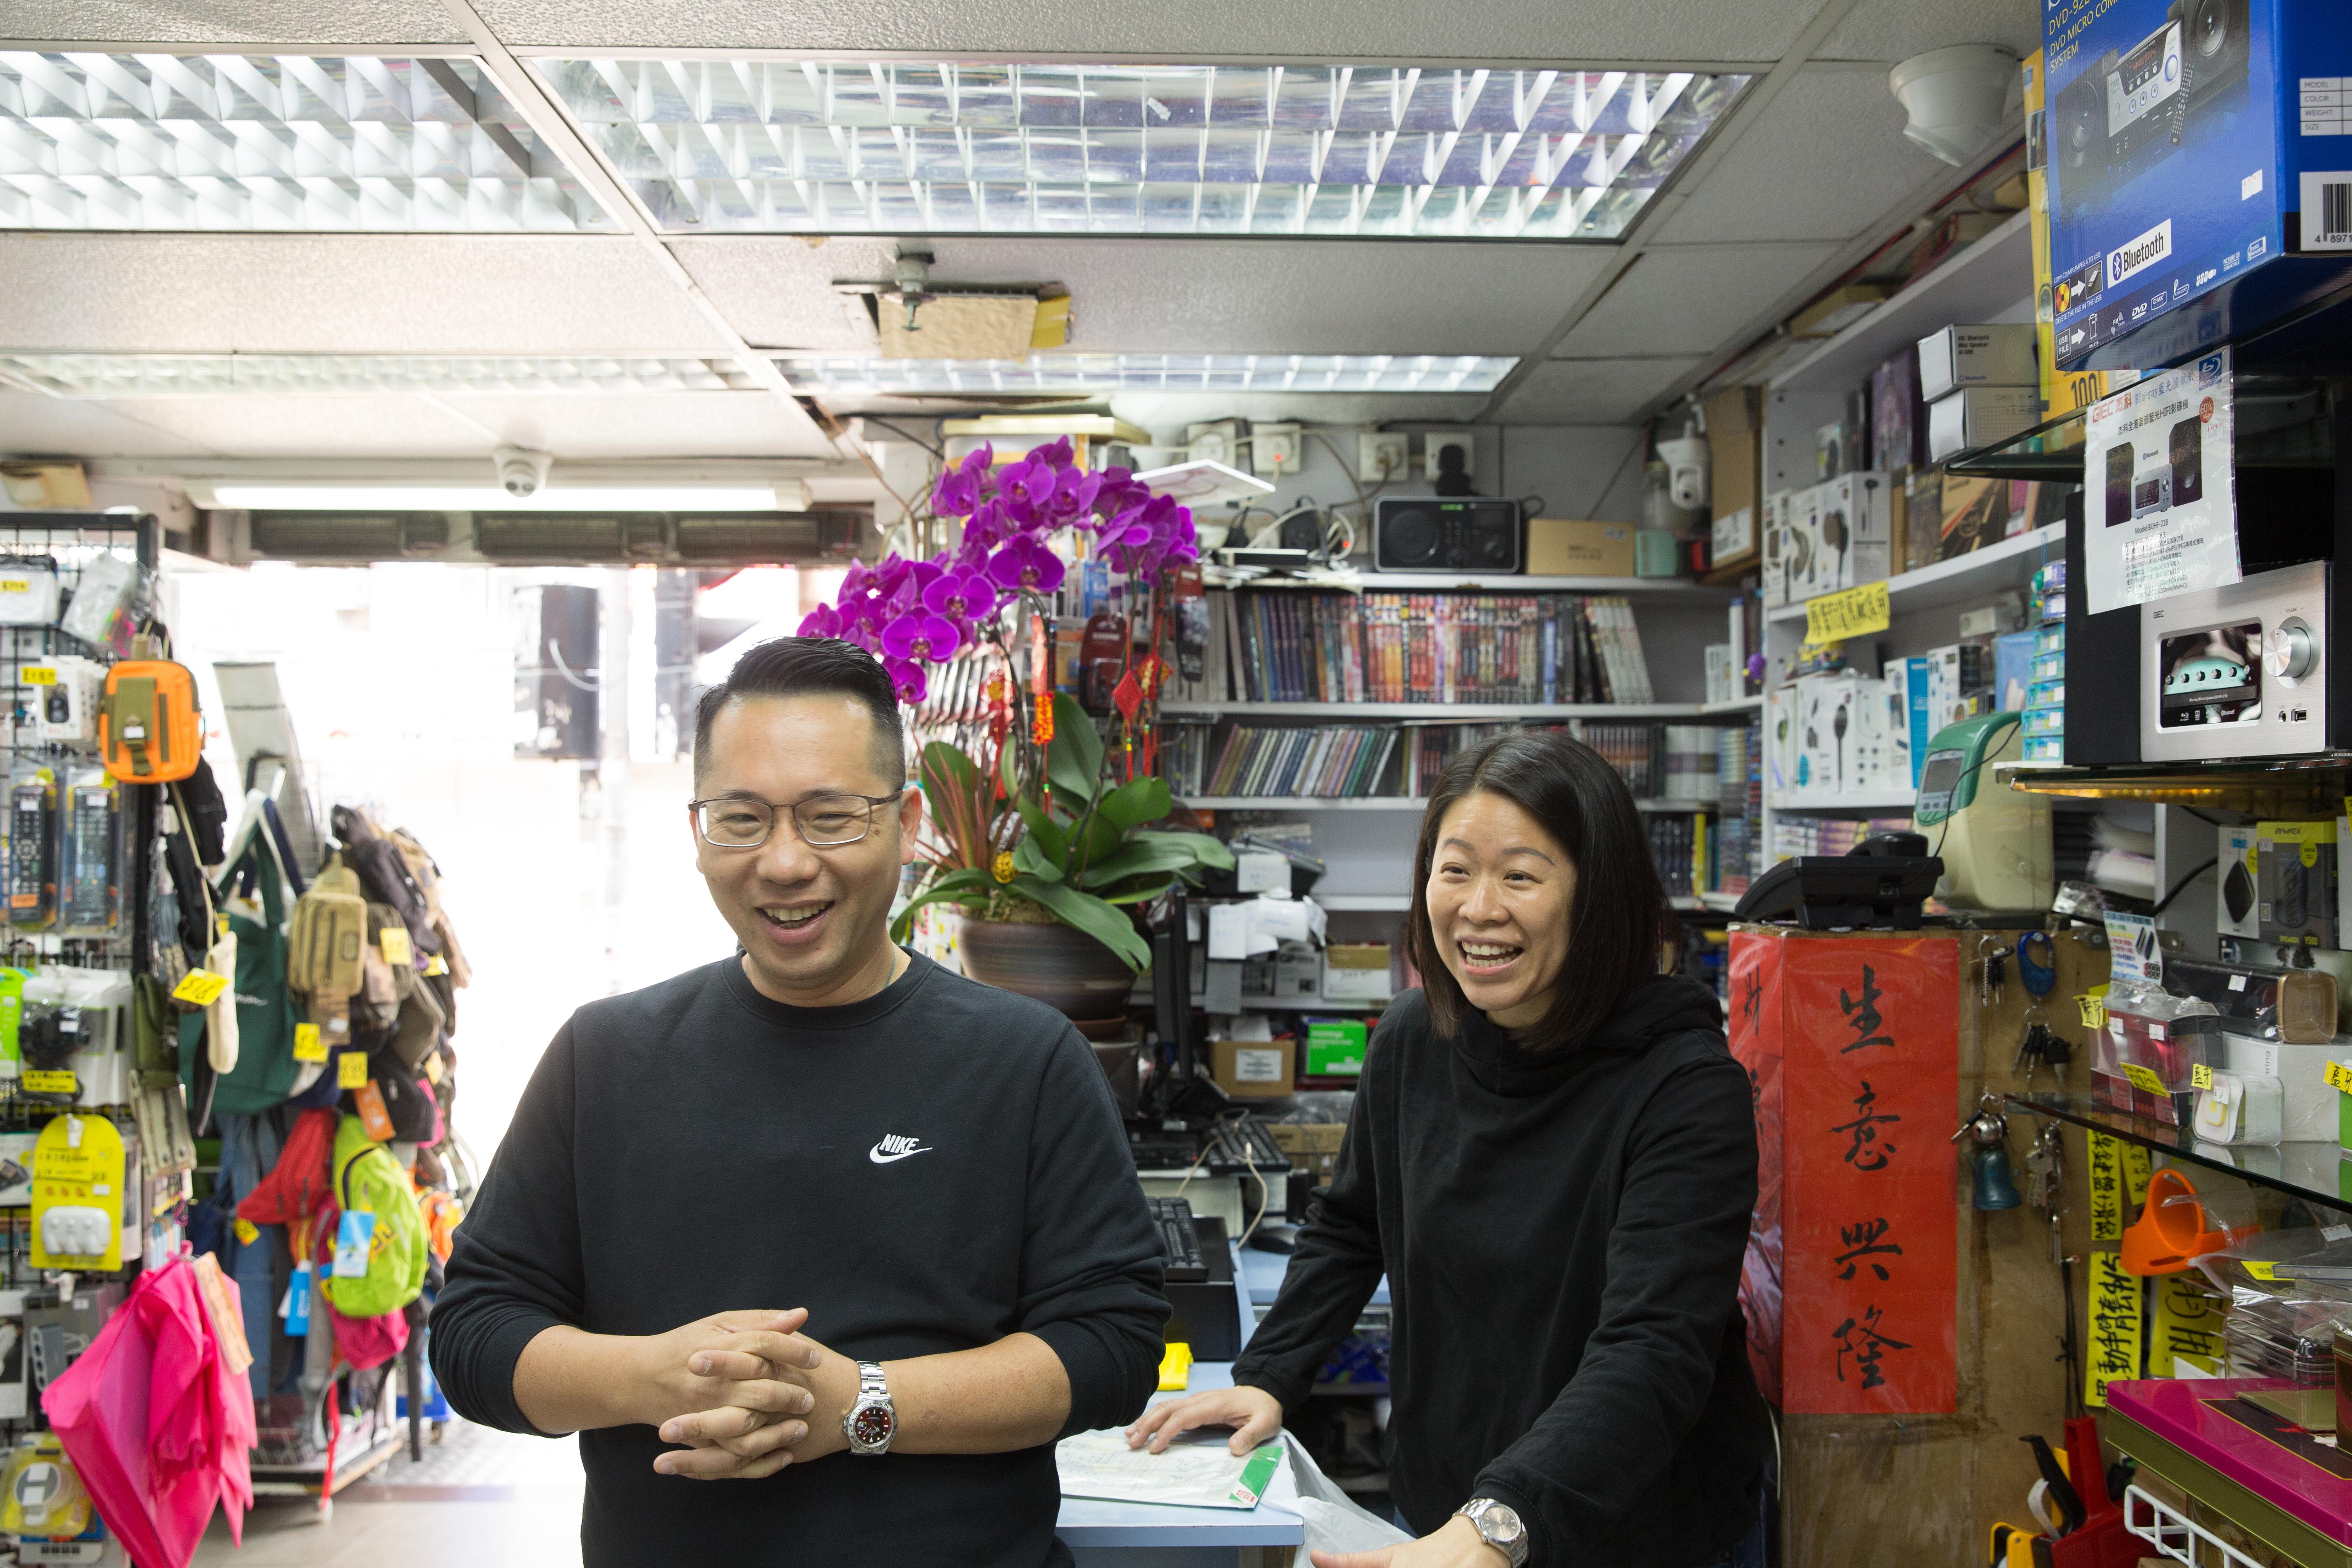 韋志樂兩夫婦自十來歲就來唱片舖幫忙,笑言是跟客人一起長大。